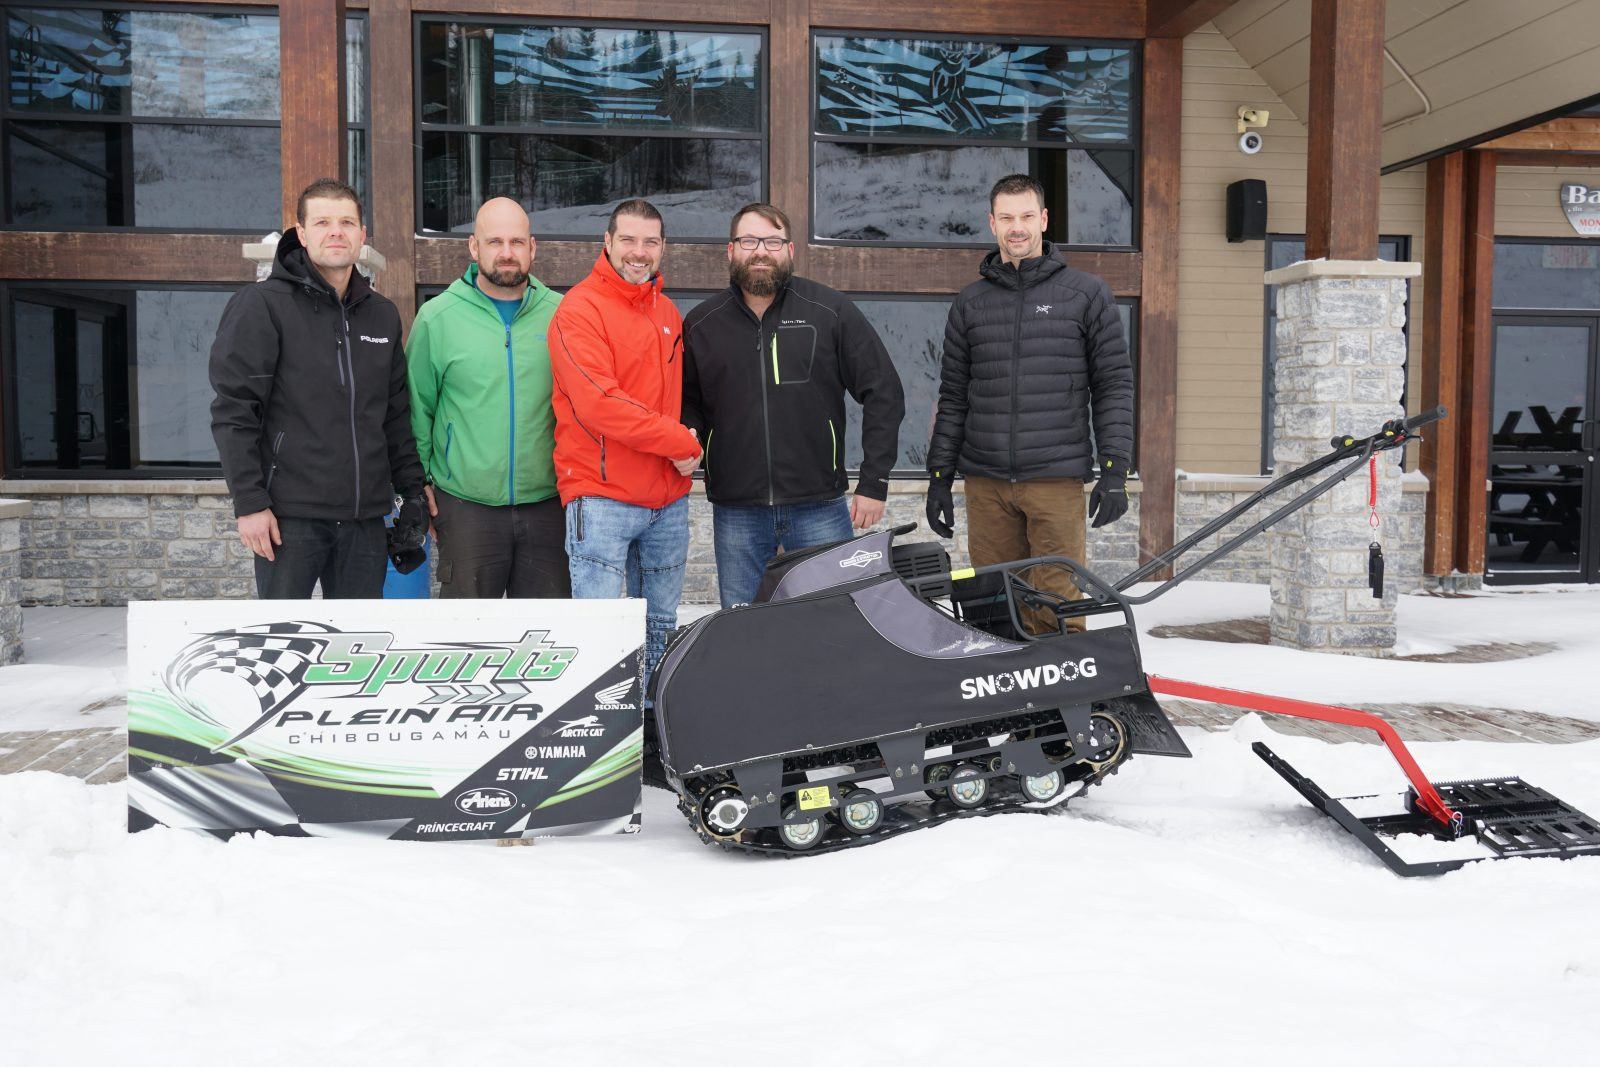 Un nouveau Snowdog pour l'entretien des pistes de fat-bike